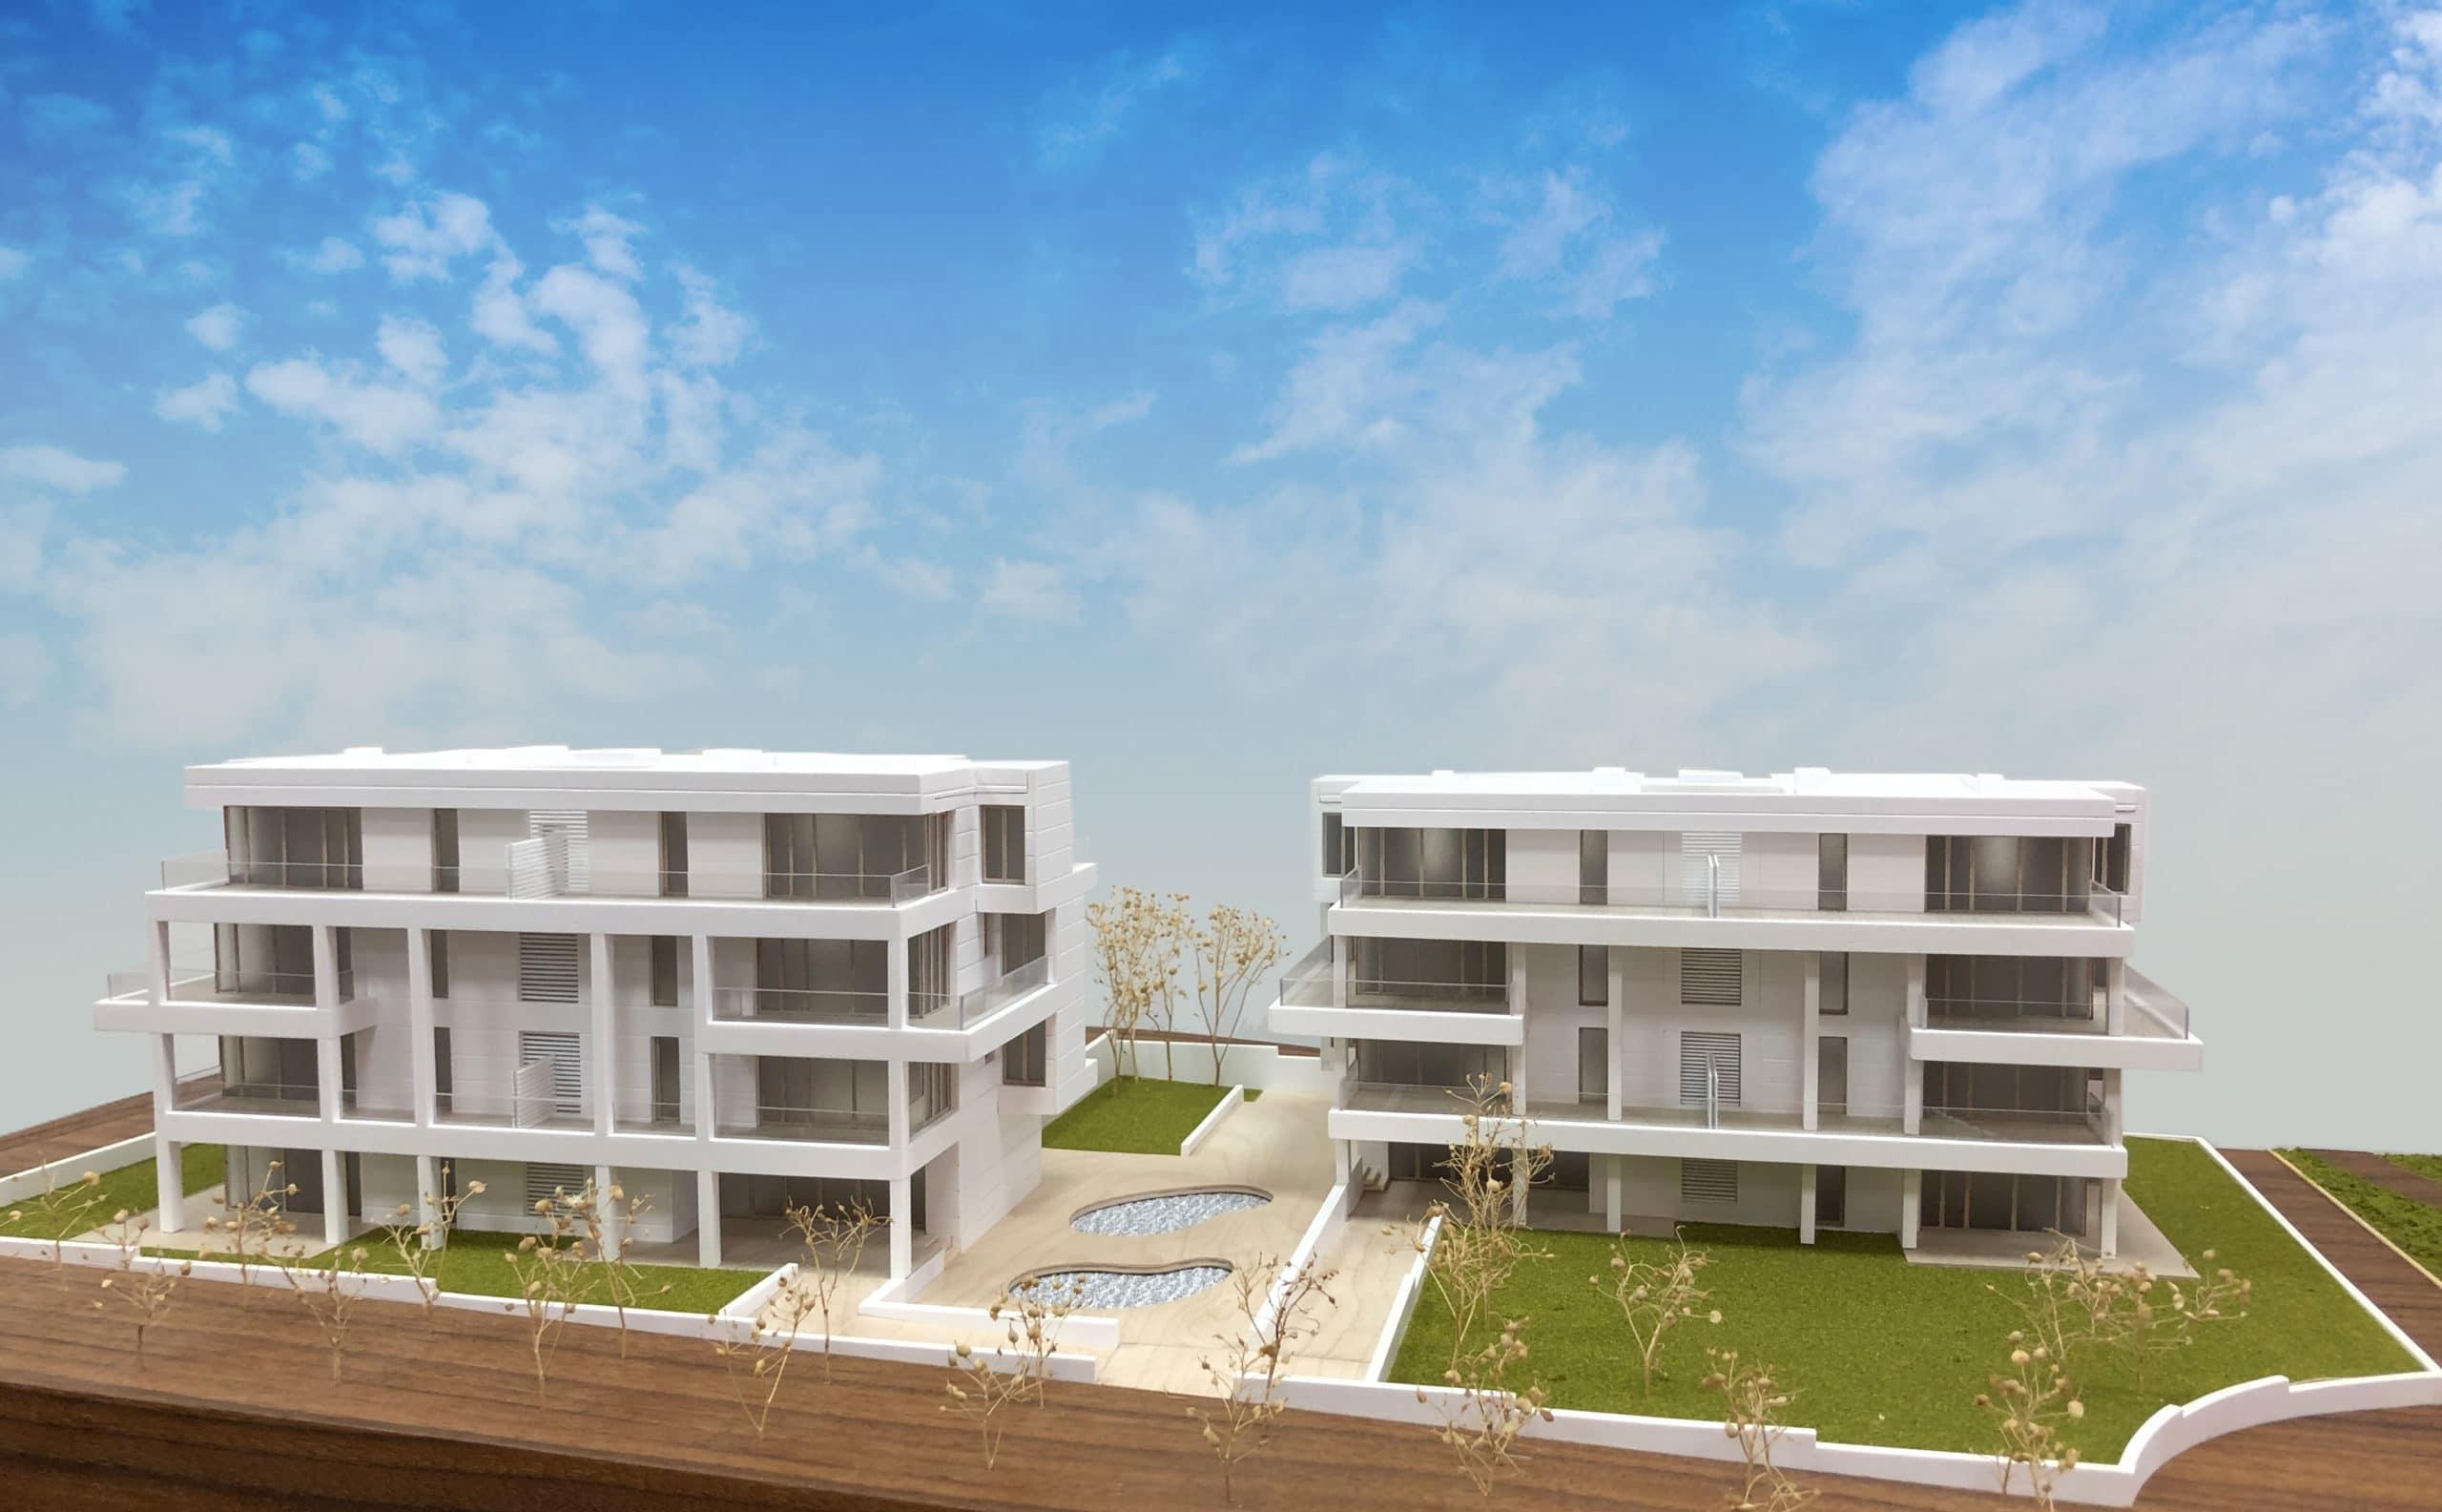 villa-olarizu-home-trivinsa-inmobiliaria